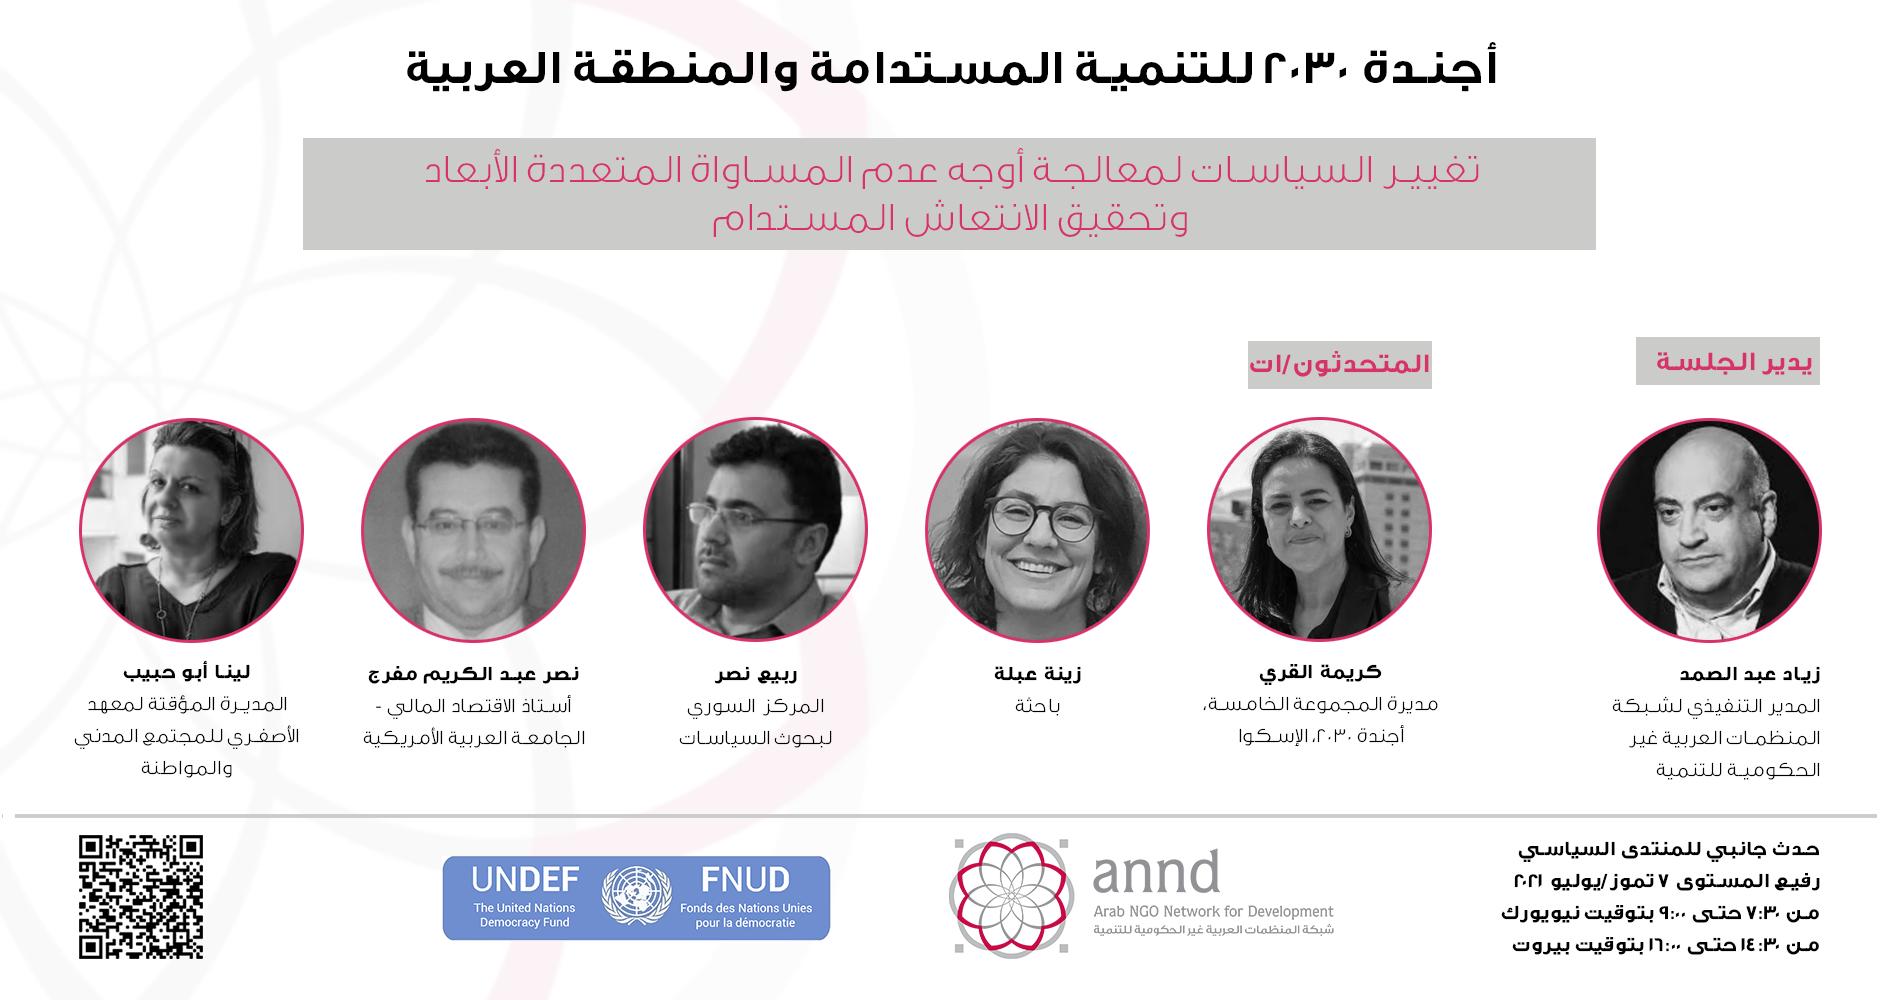 حدث جانبي للمنتدى السياسي رفيع المستوى: أجندة 2030 للتنمية المستدامة والمنطقة العربية